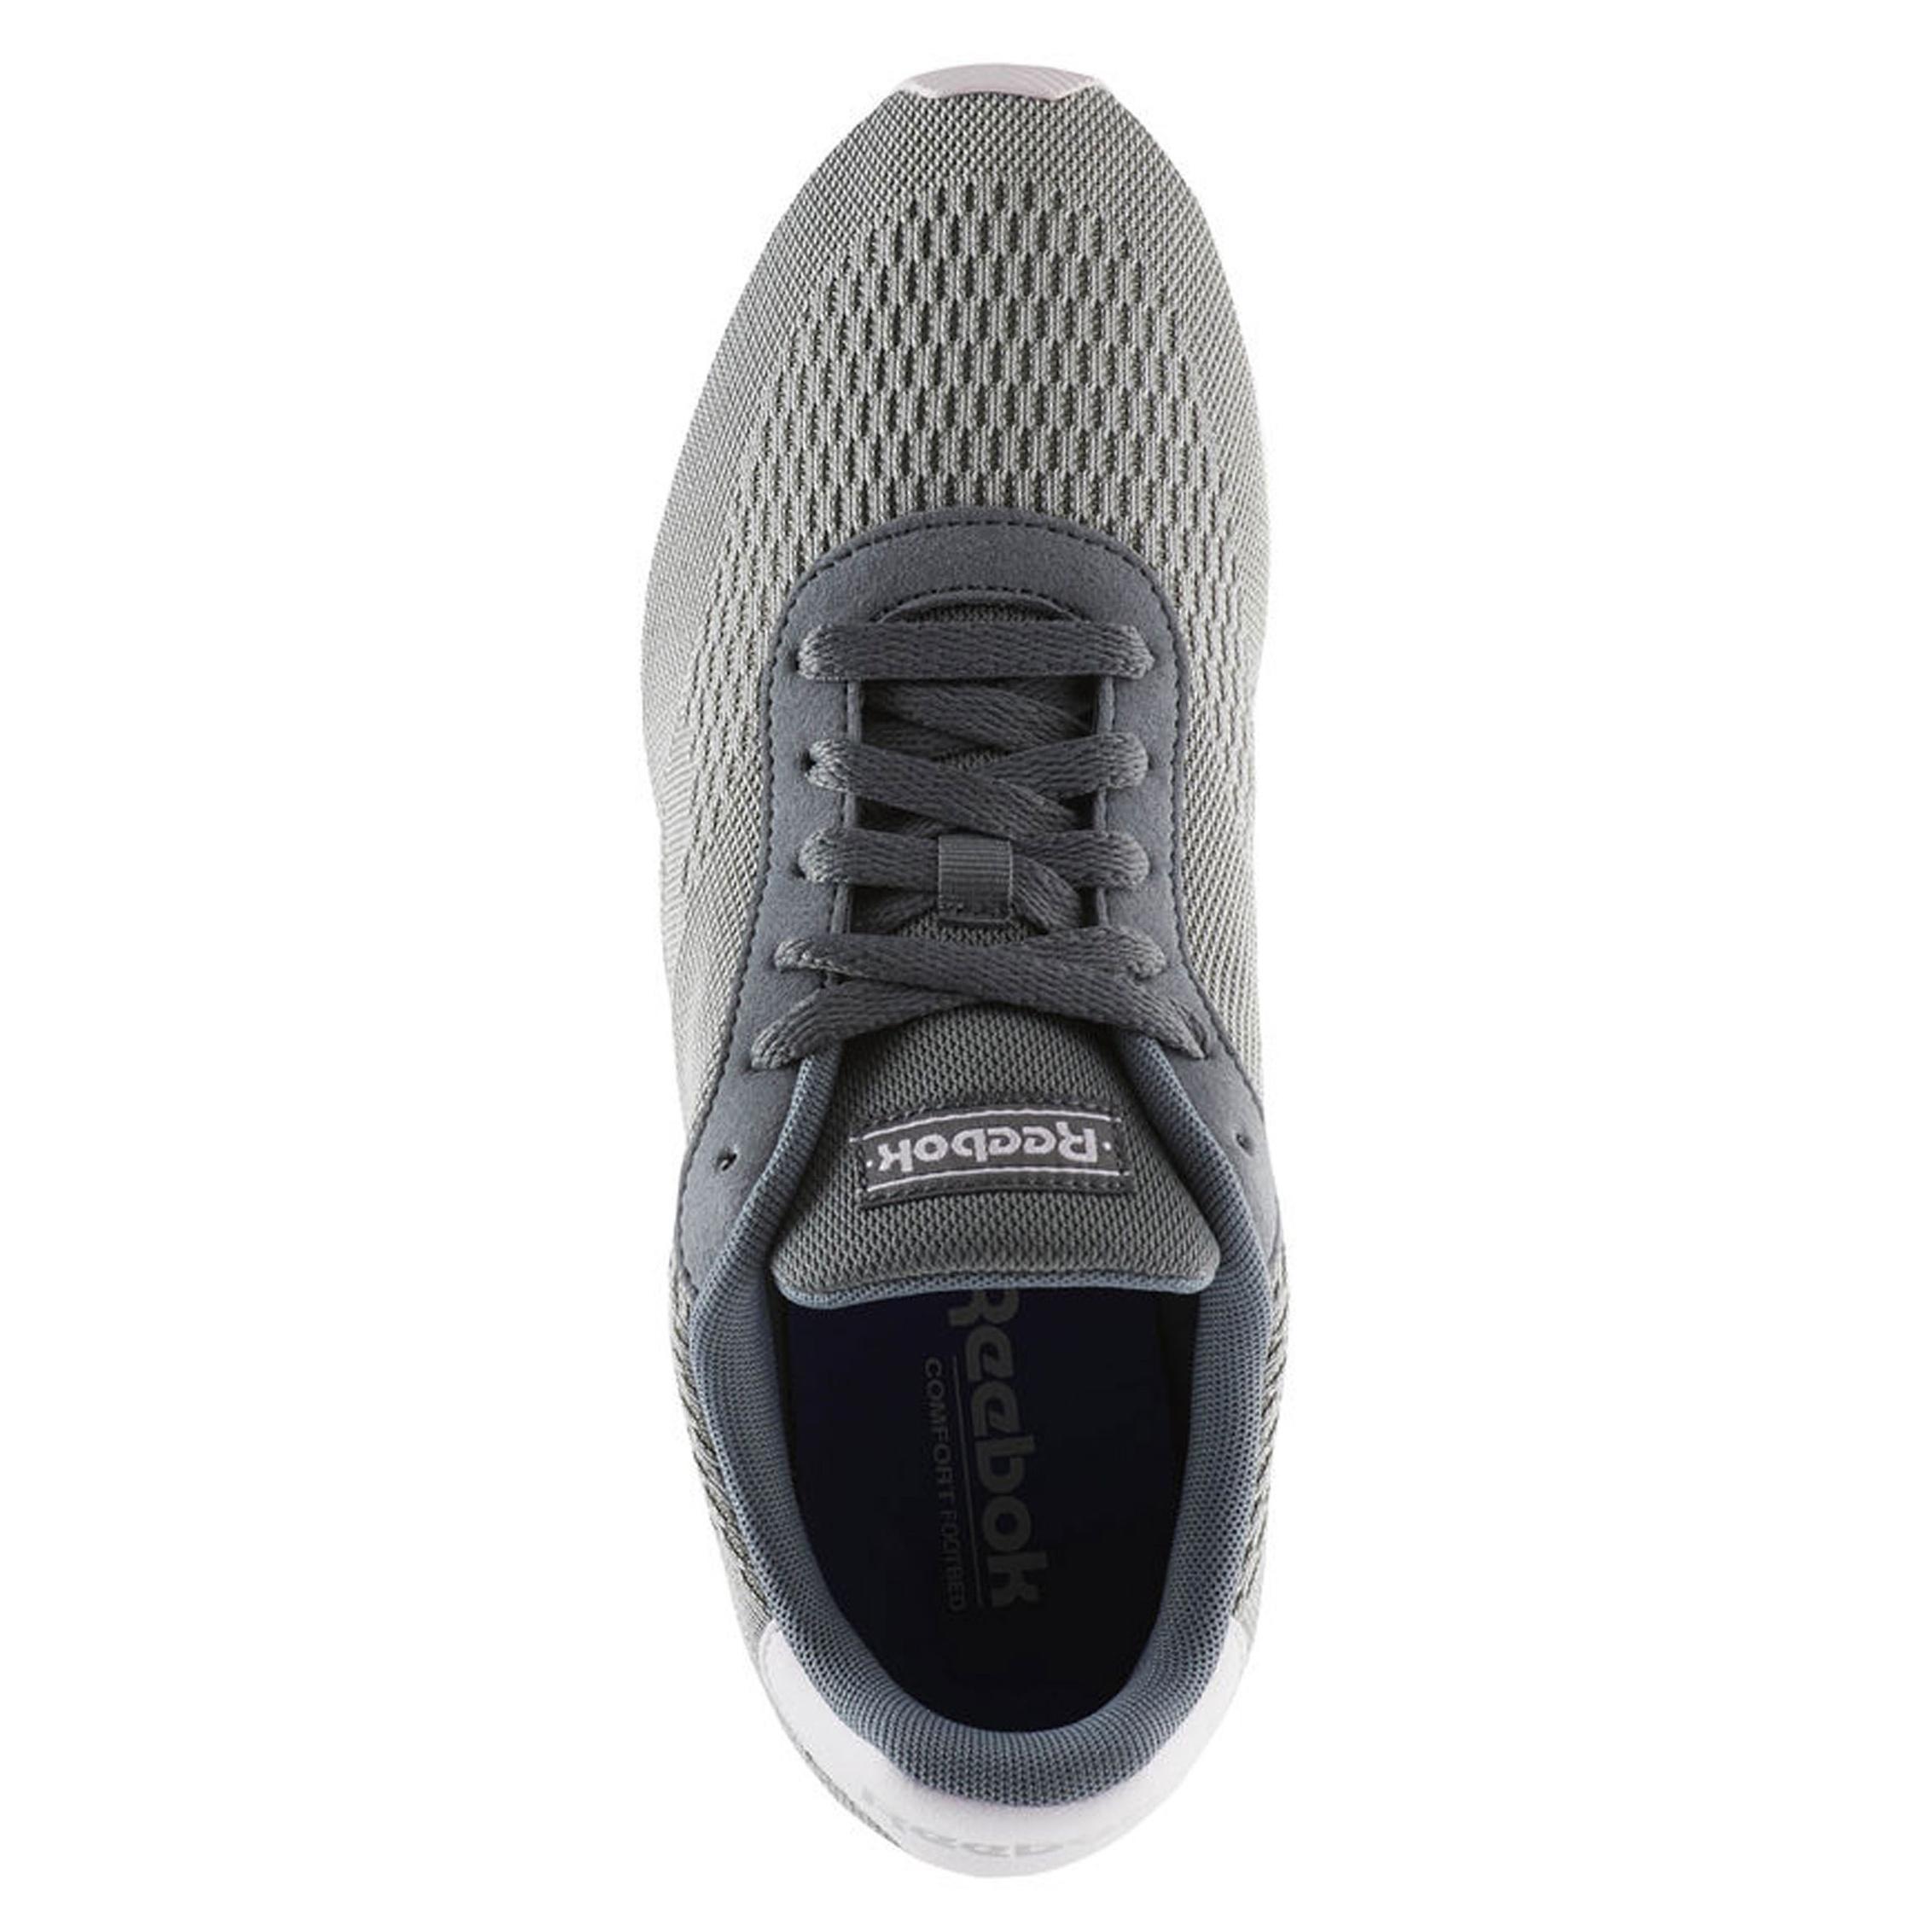 کفش تنیس نه ریباک مدل Royal CL Jog 2PX